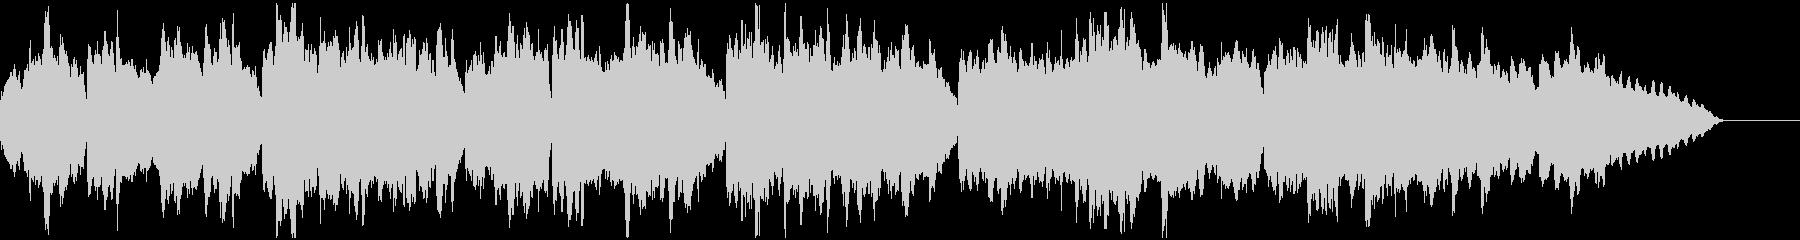 オーボエとピアノのどこかホッとするBGMの未再生の波形